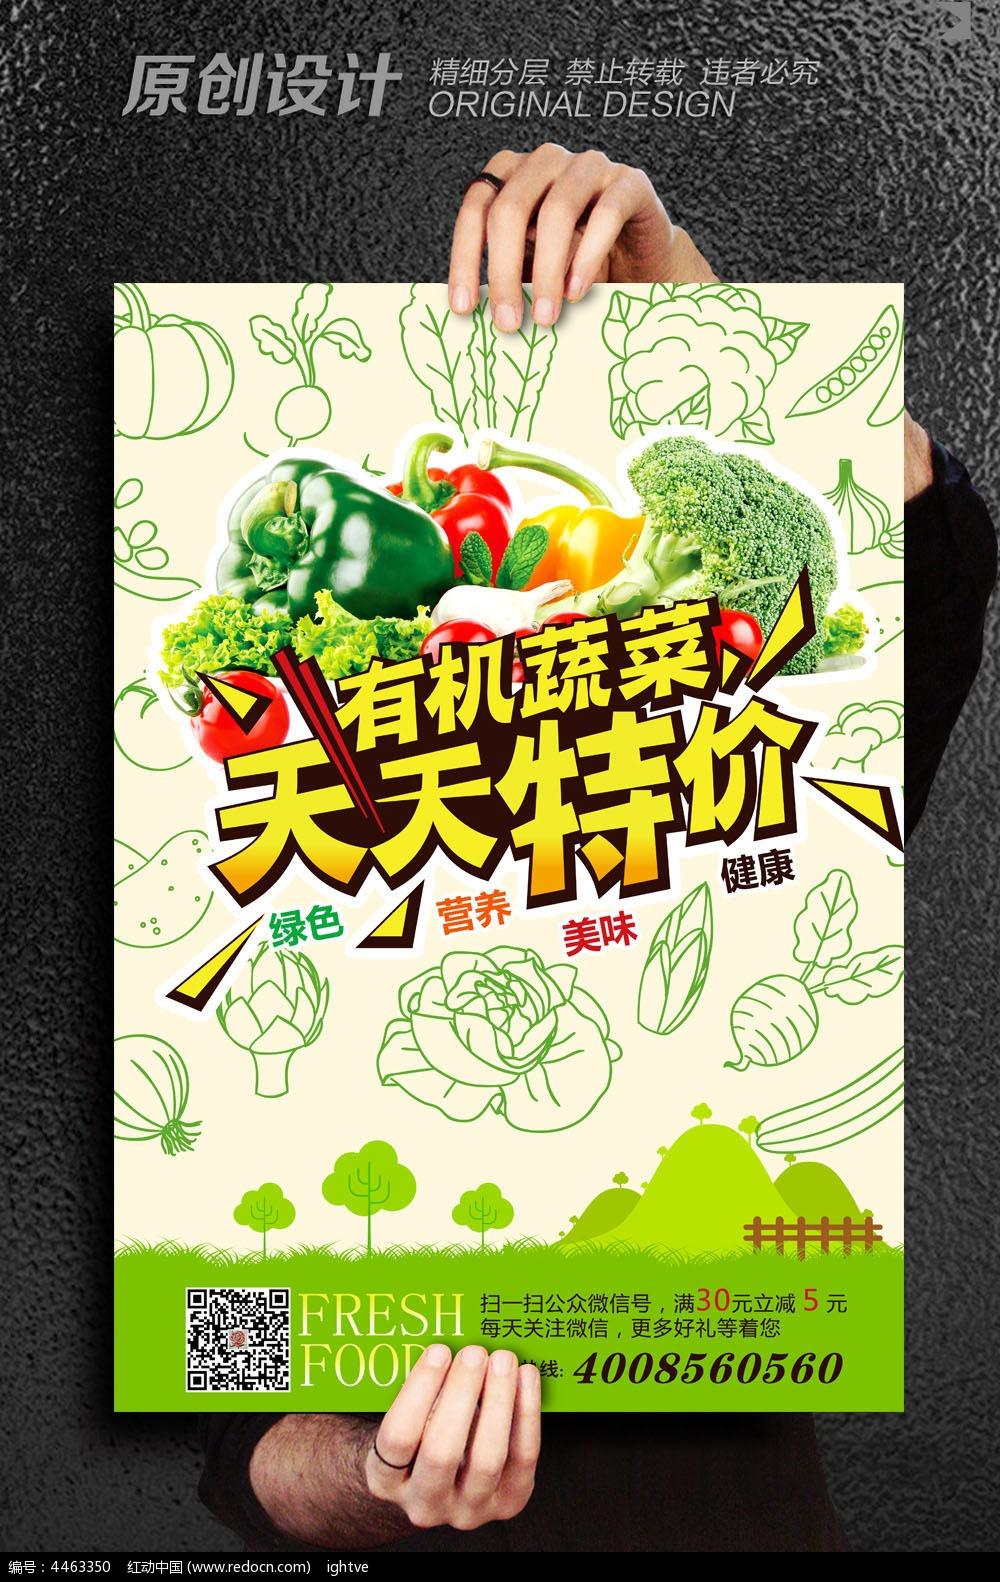 8款 简约创意有机蔬菜海报设计psd下载